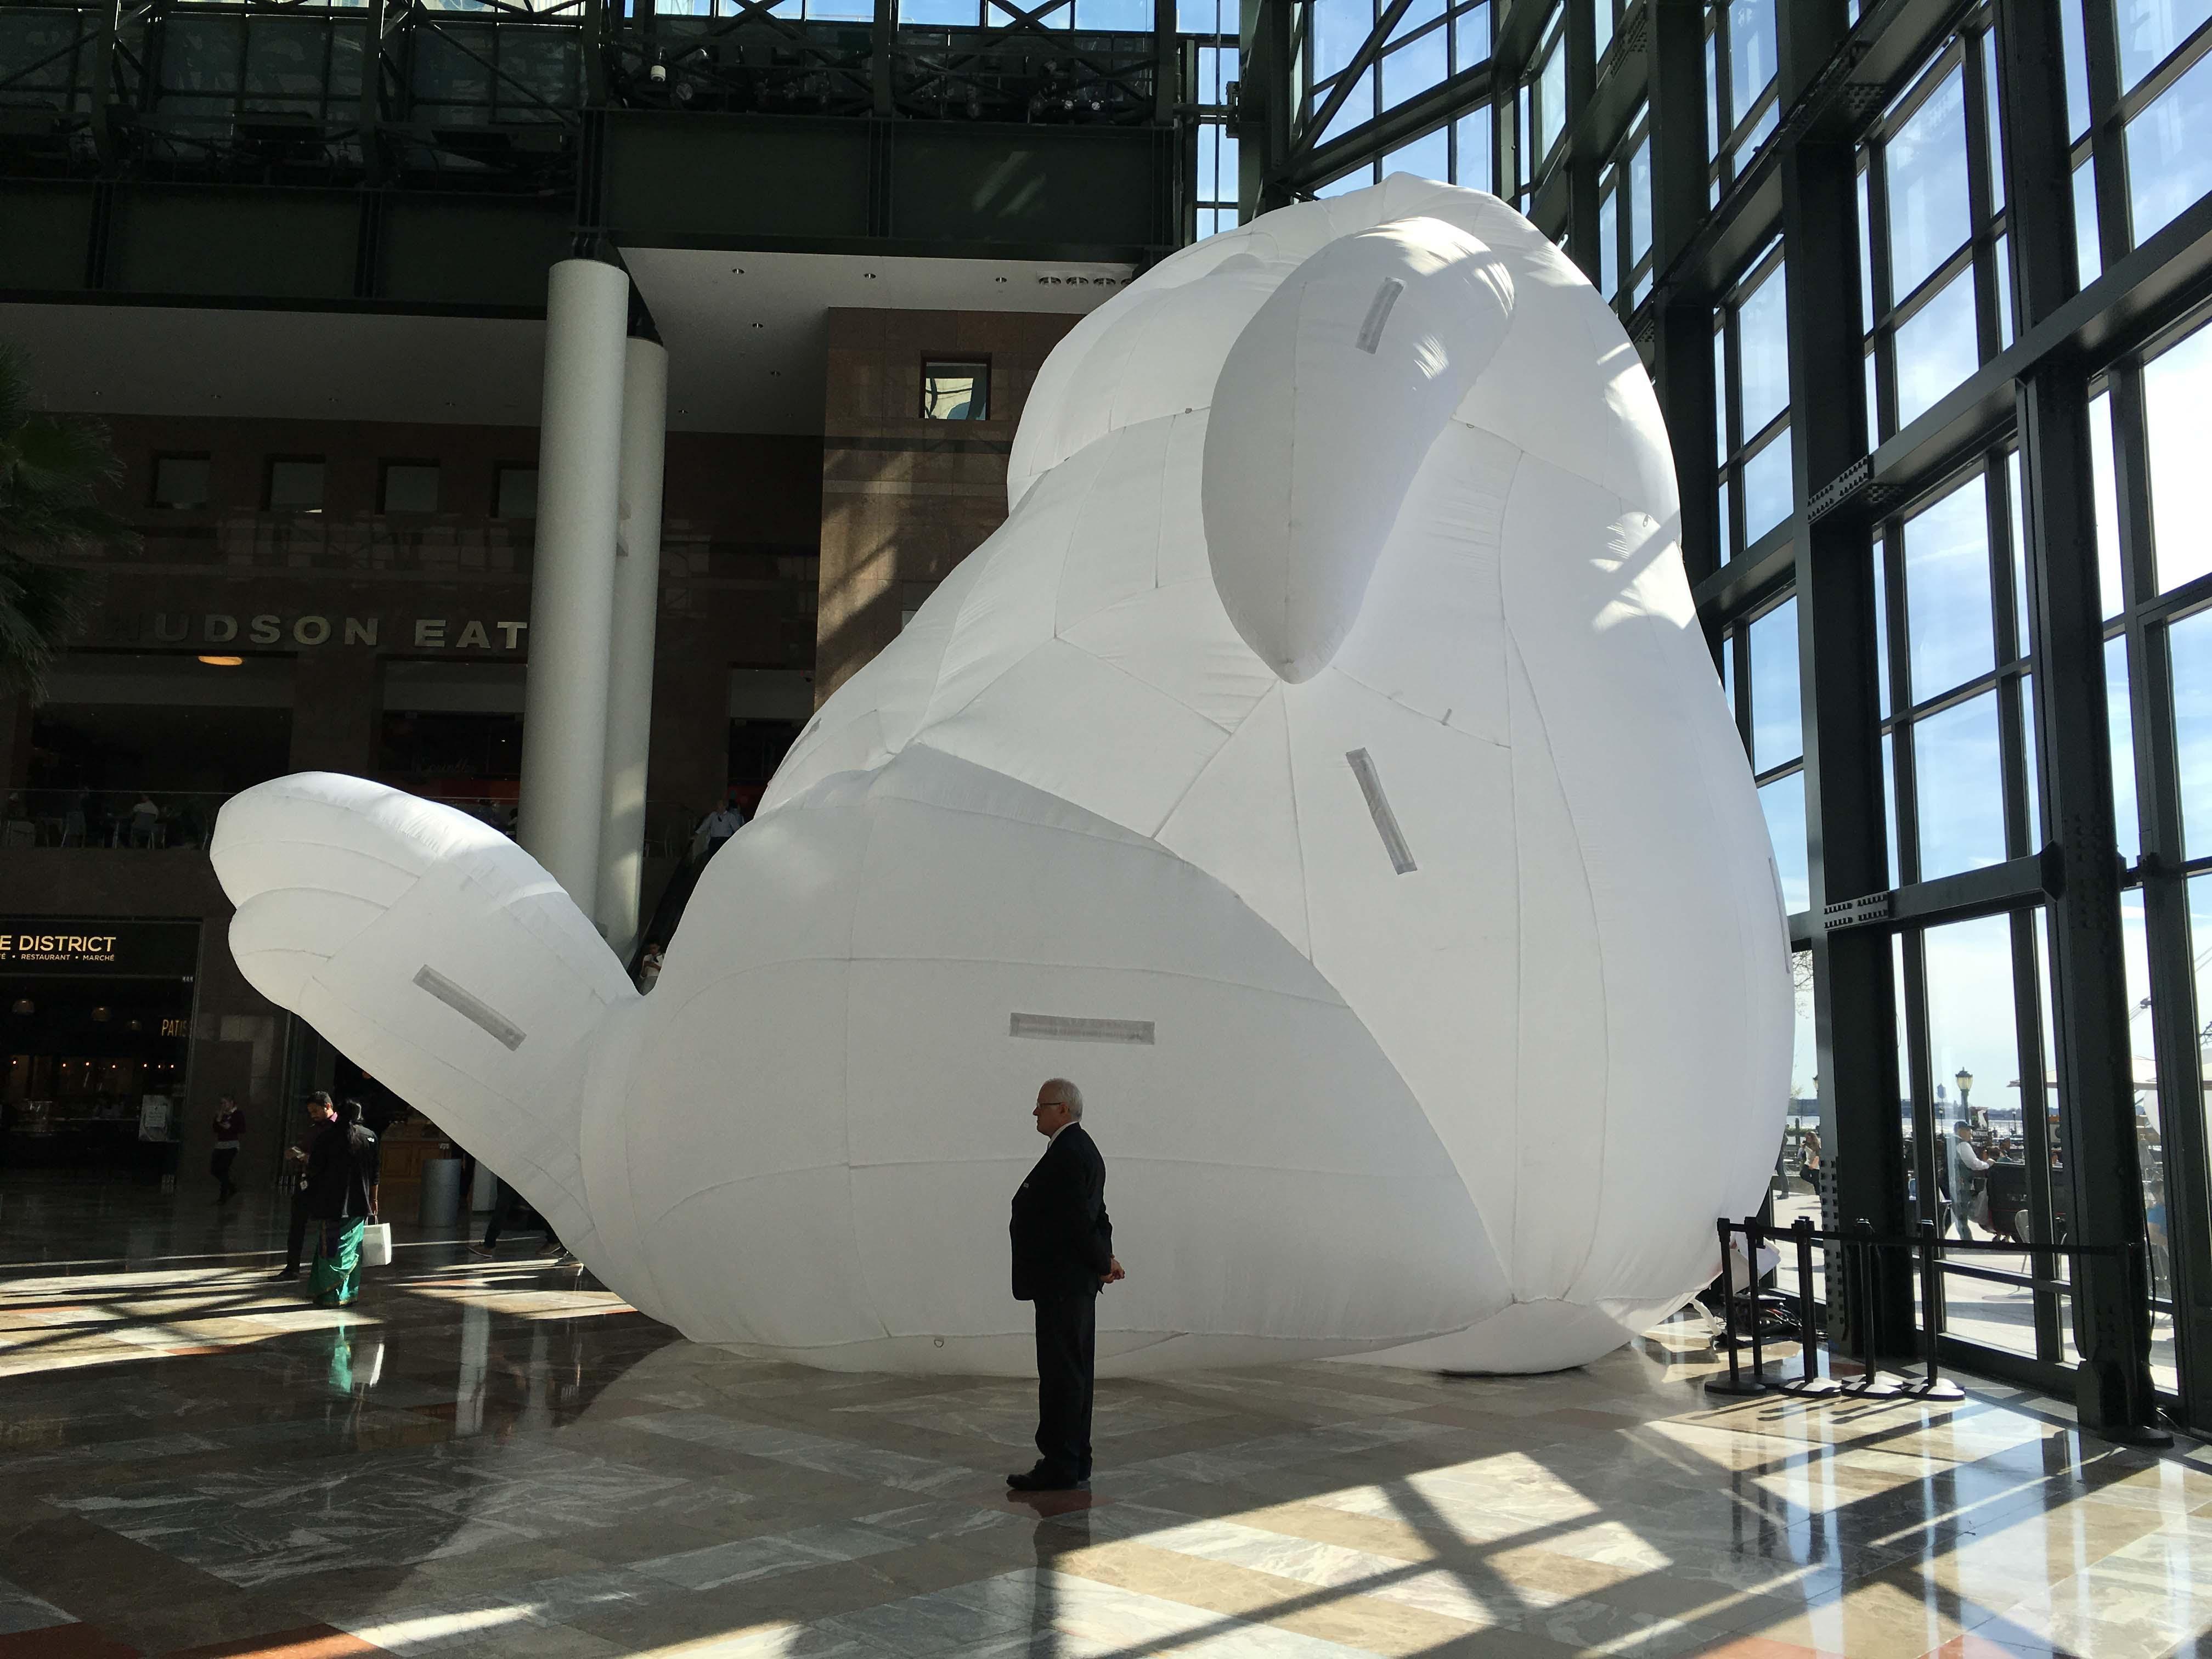 Intrusion rabbit in winter garden A